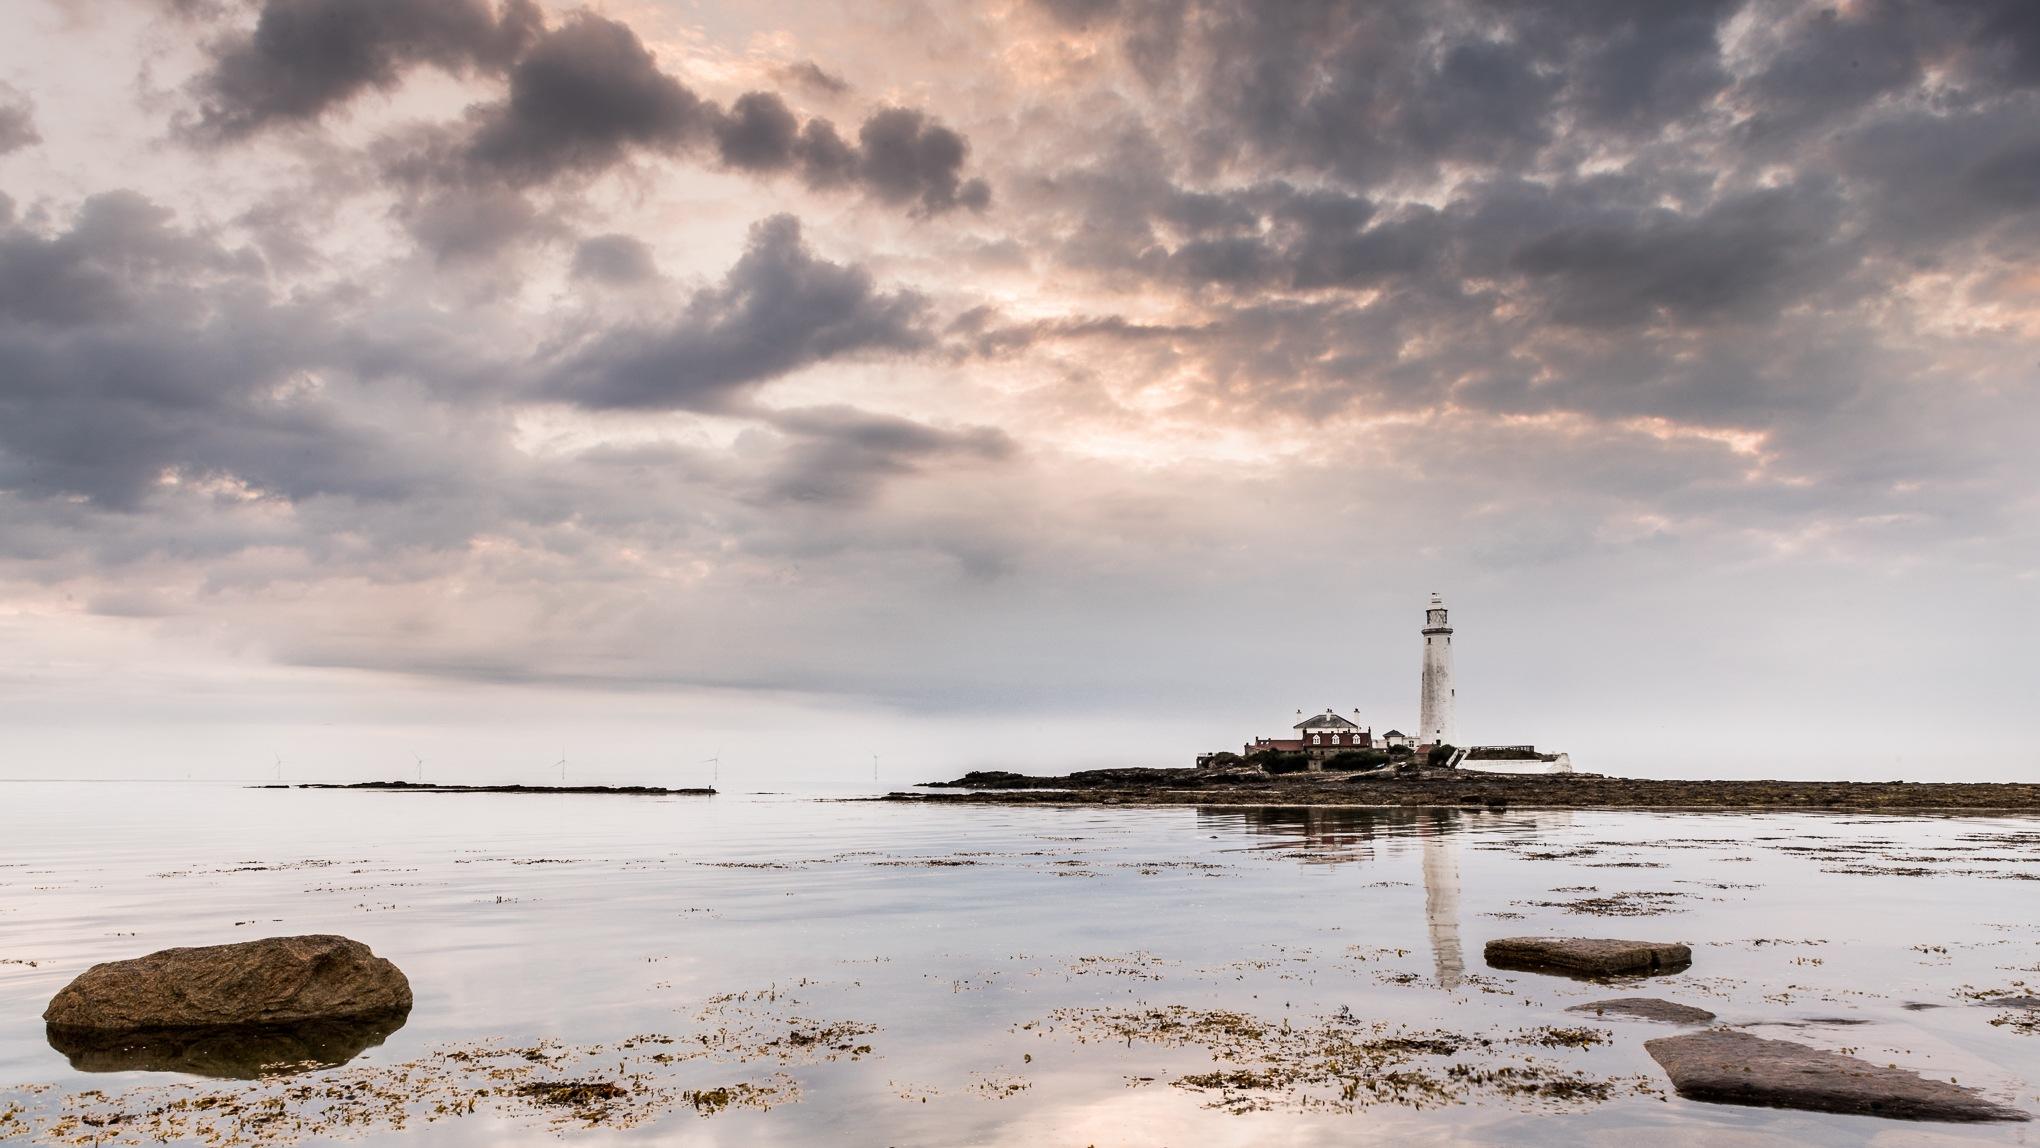 Low Tide by John Dunbar